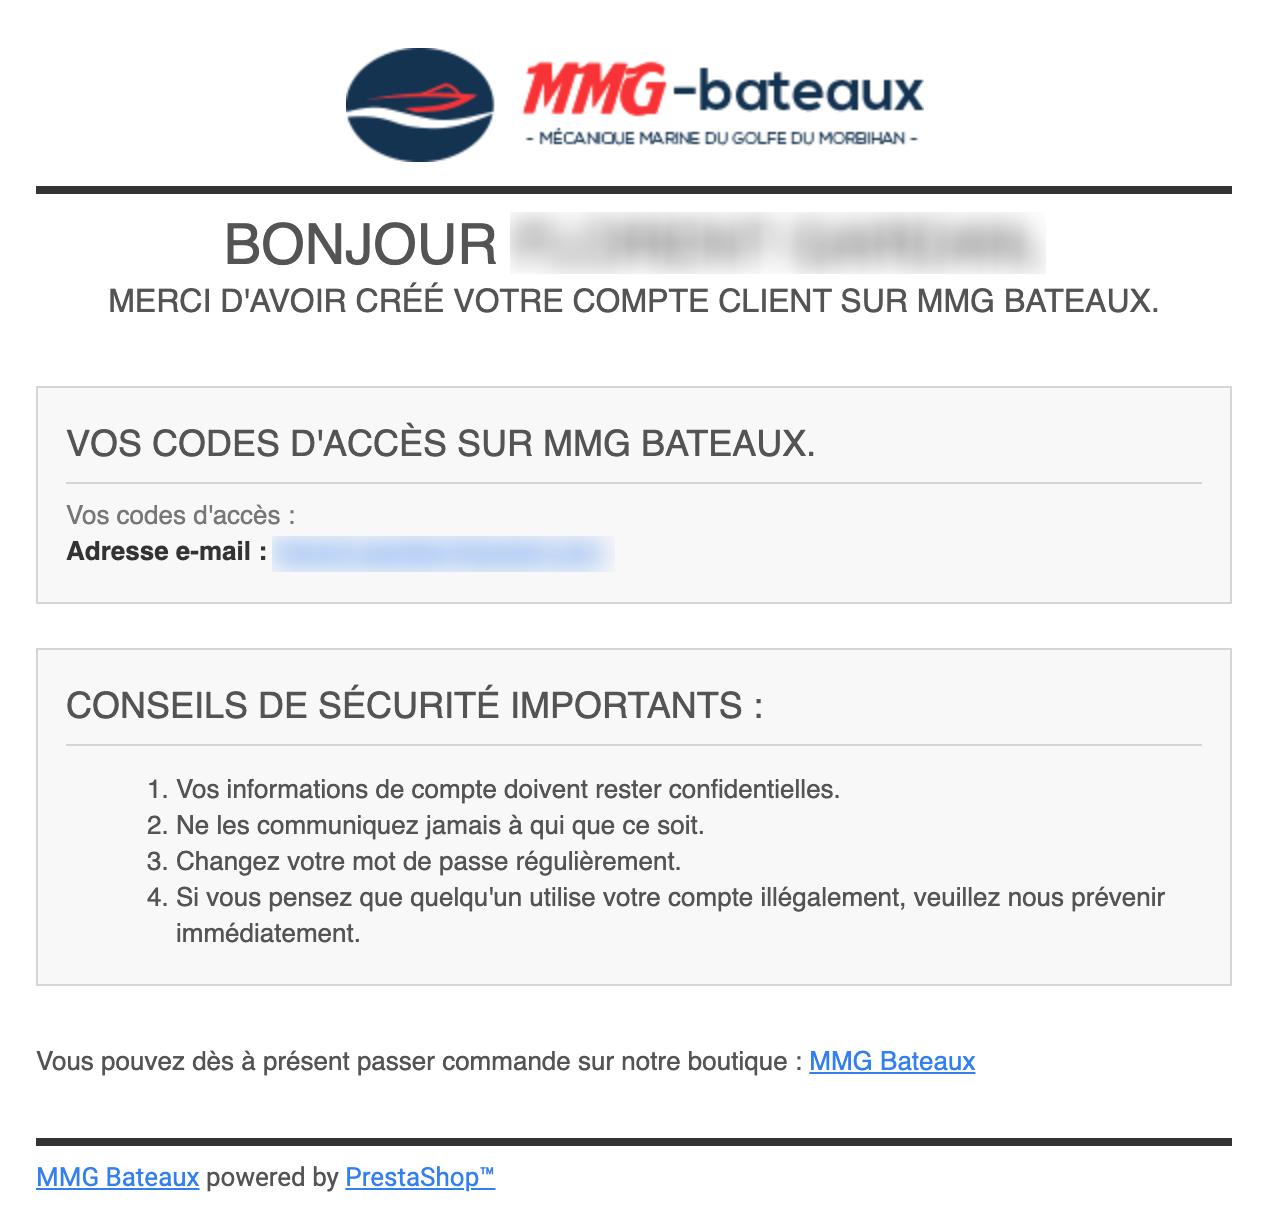 Email de bienvenue après la création d'un compte client MMG-Bateaux